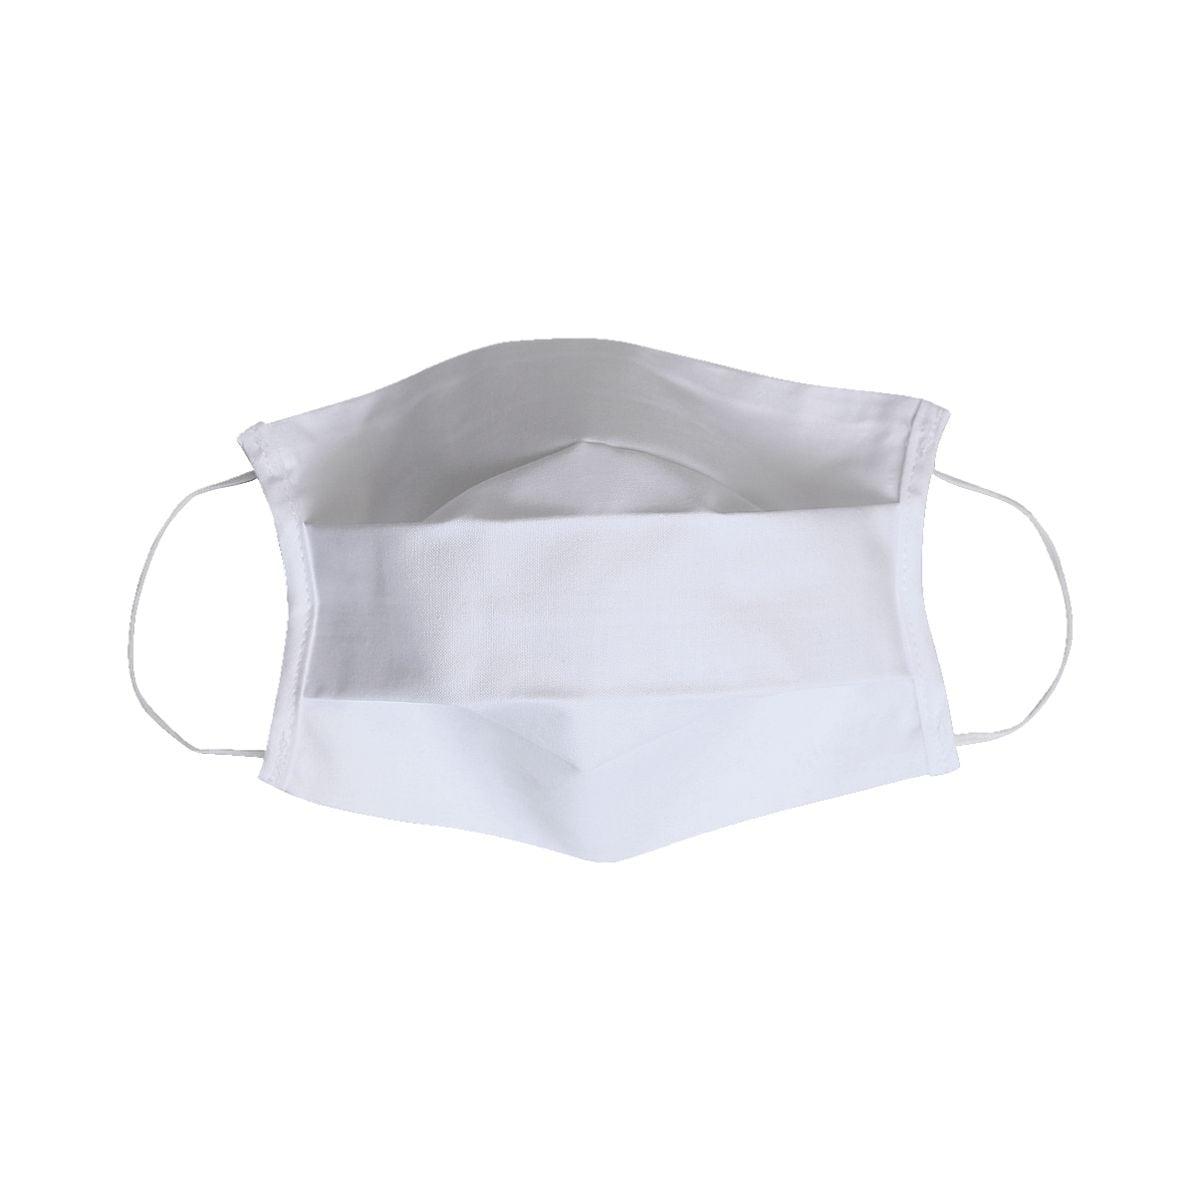 Pak met 2 wasbare mond-neus-maskers, dubbellaags